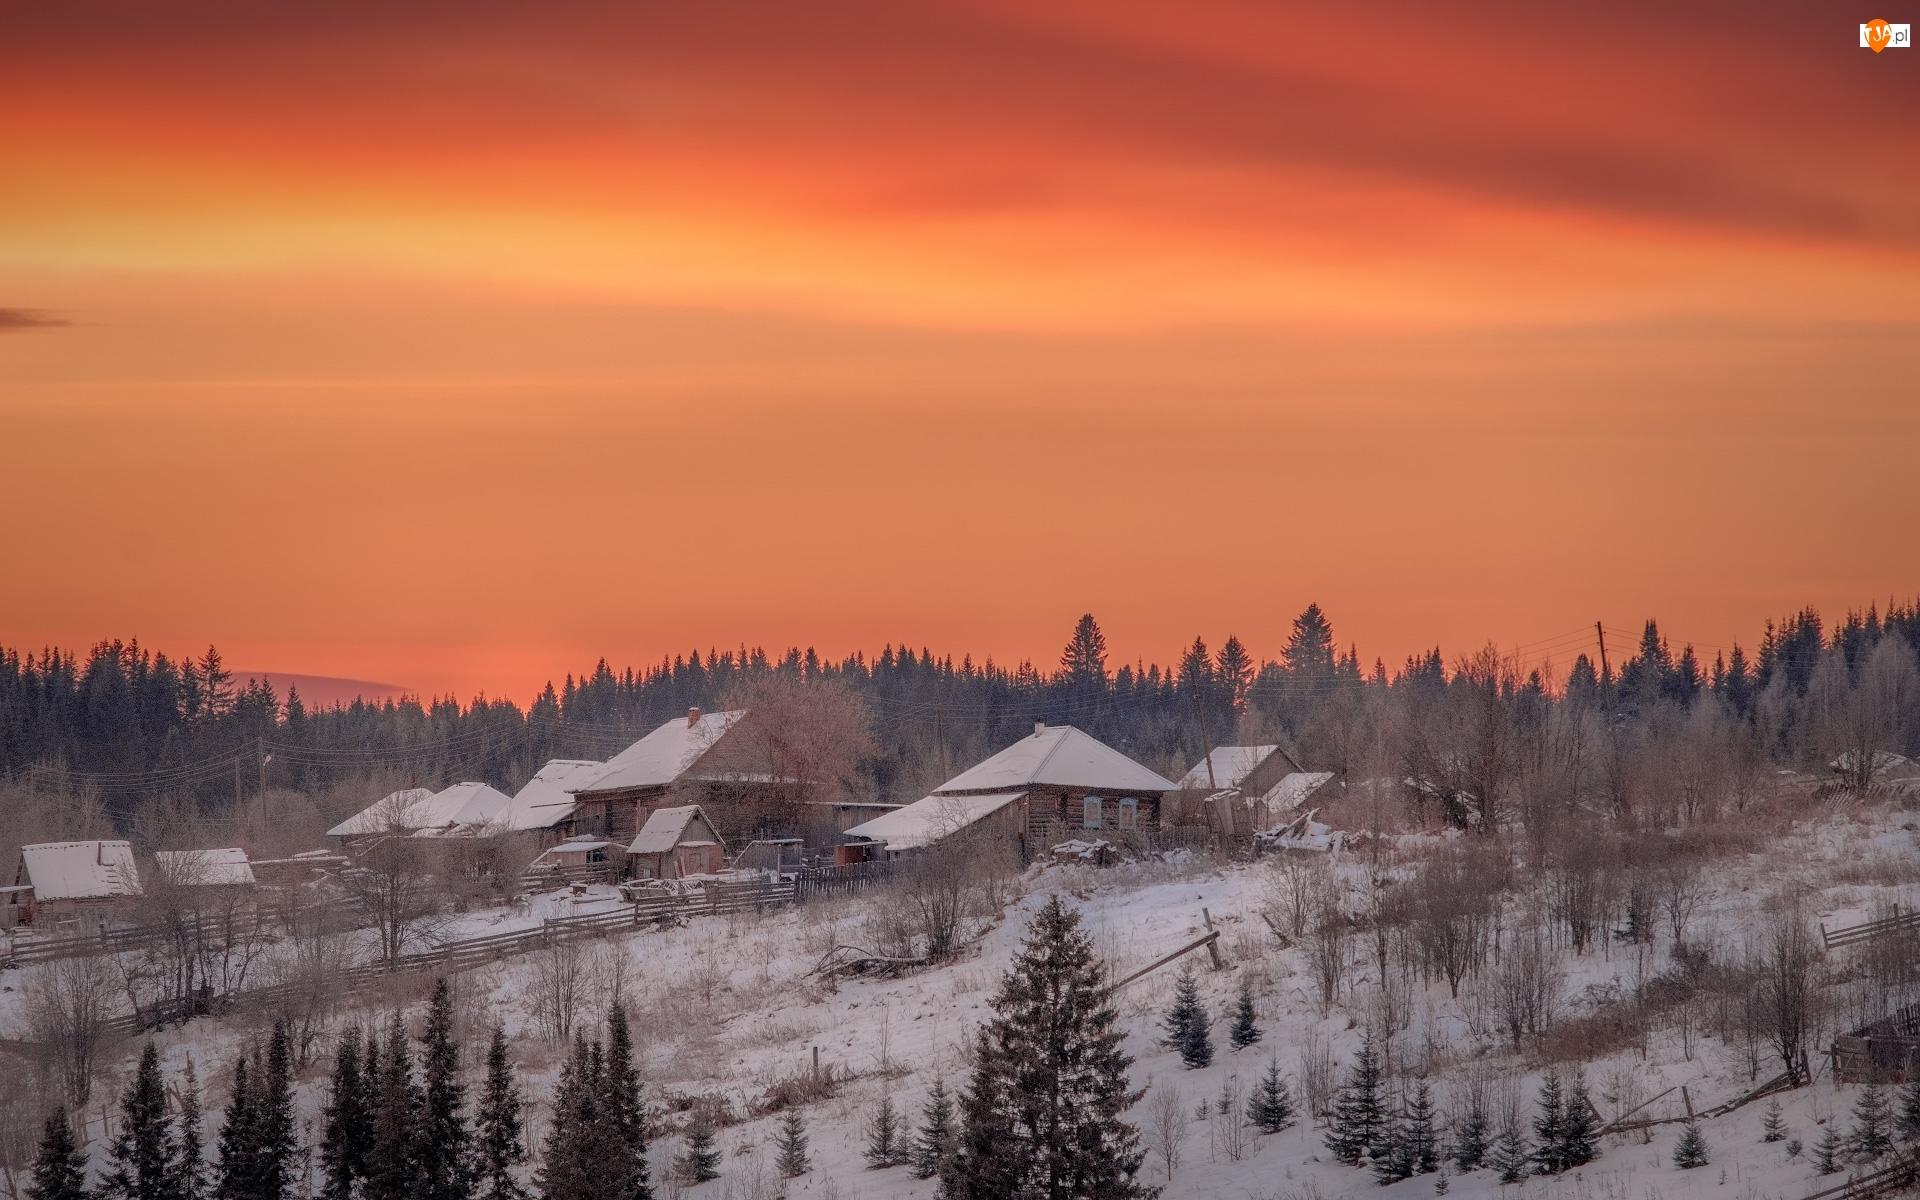 Wieś Kusye Alexandrovsky, Wschód słońca, Śnieg, Kraj Permski, Świt, Domy, Rosja, Zima